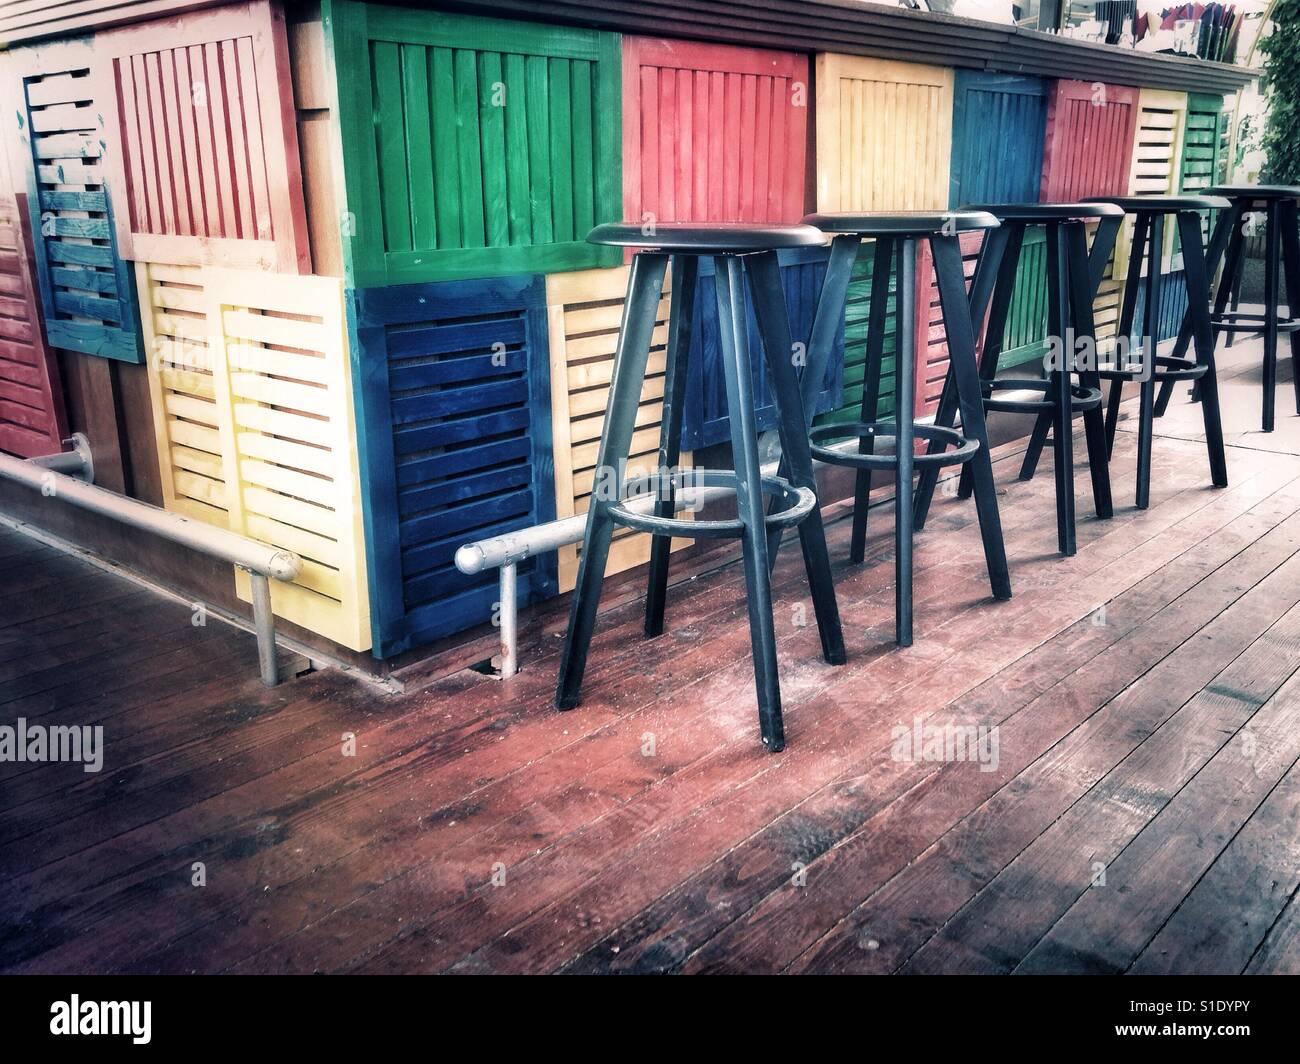 Fila di sgabelli in legno colorato bar foto immagine stock